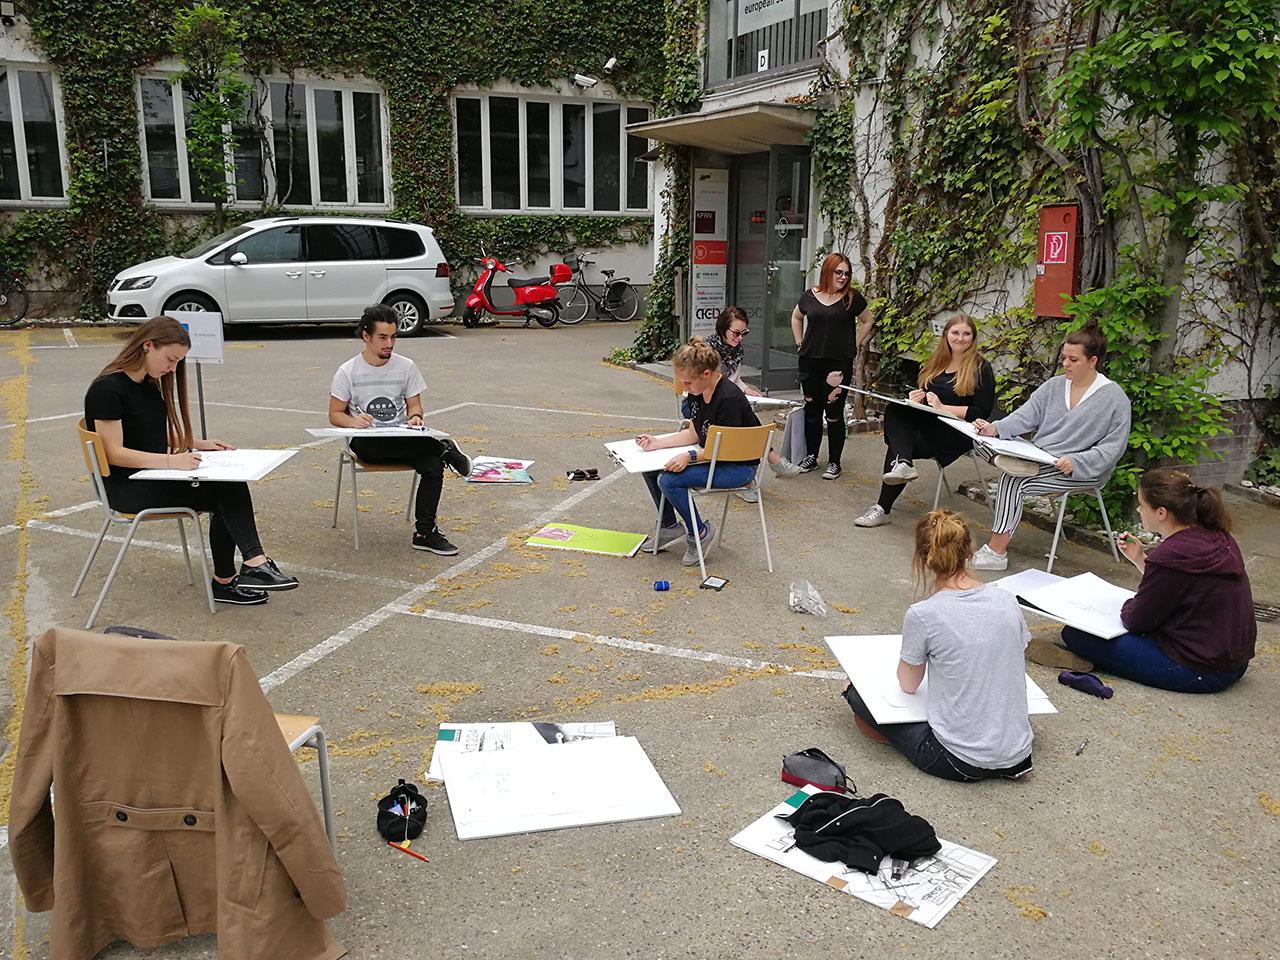 Designstudenten beim zeichnen im freien european school for Design studium frankfurt